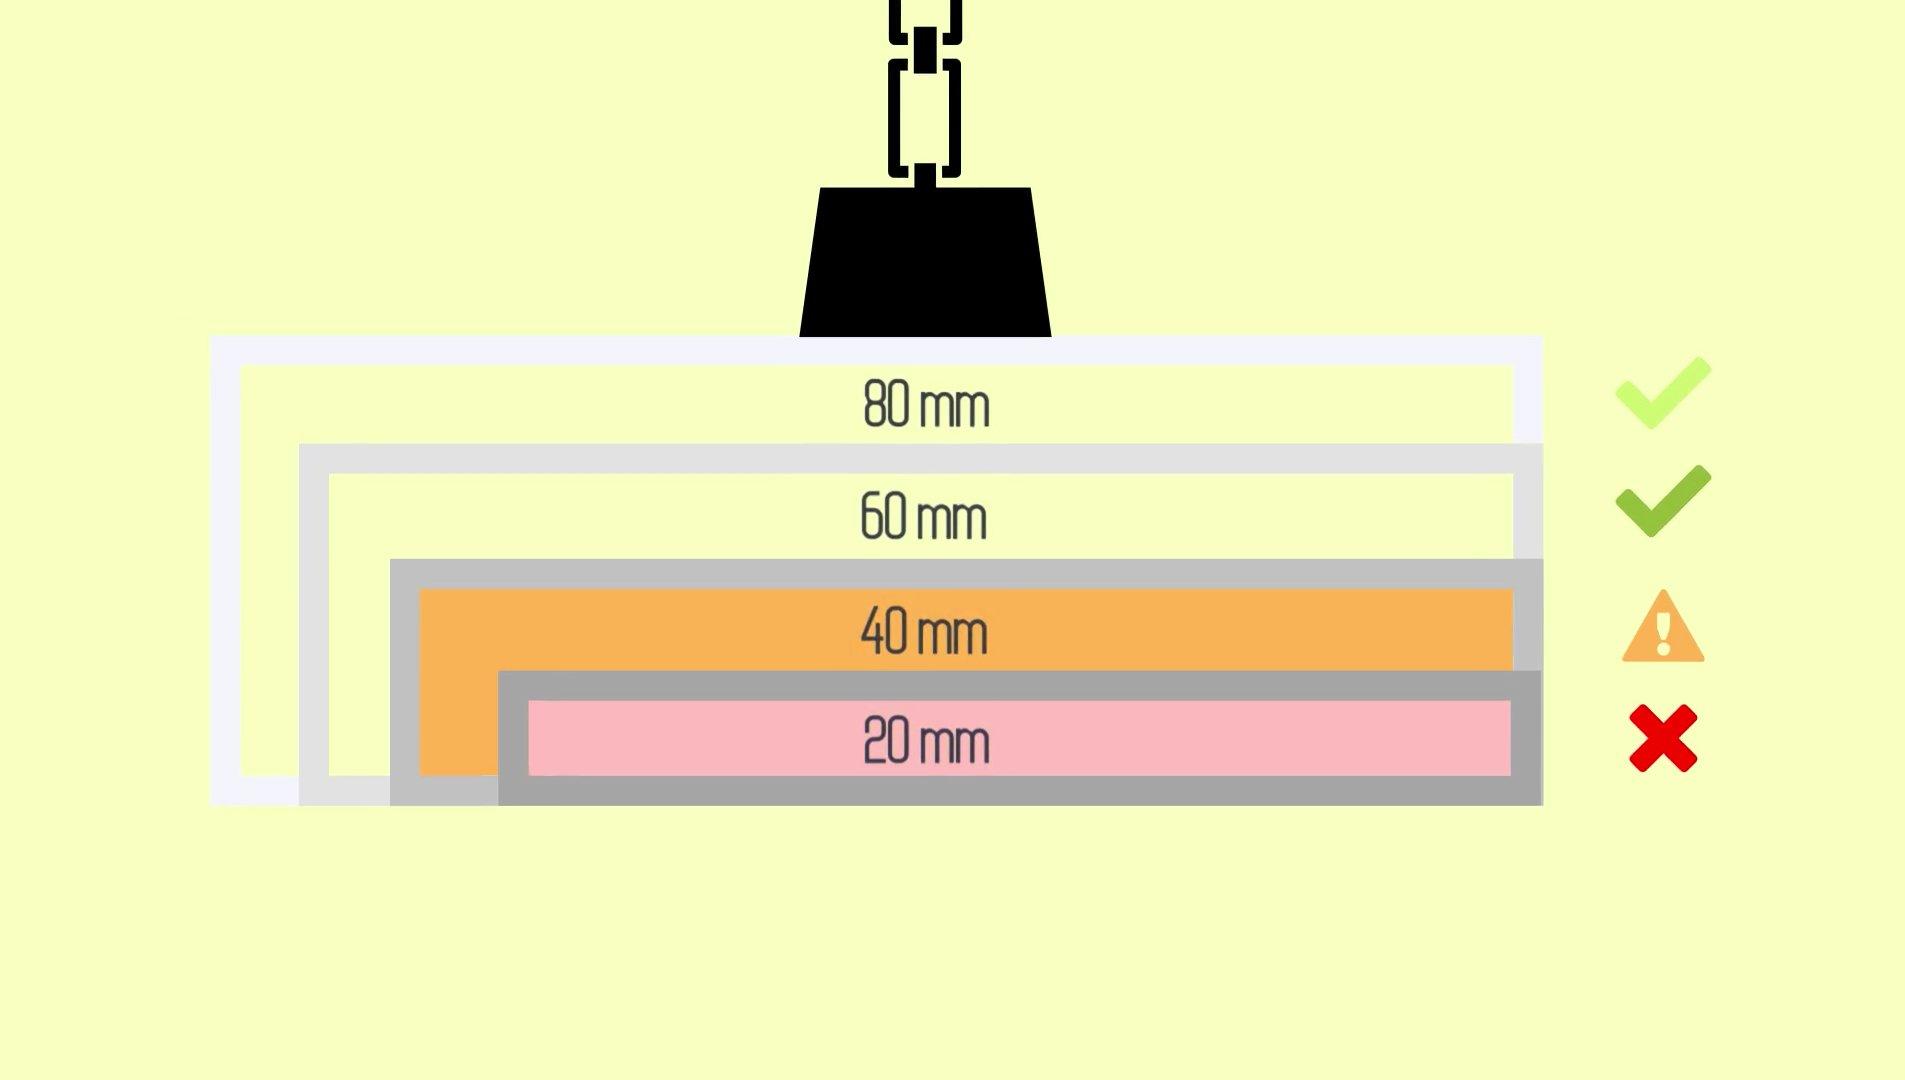 Spessore lamiere; Magnete da sollevamento; magneti da sollevamento; calamite per sollevamento; magnete per sollevamento lamiere; Magneti di sollevamento manuali; magneti per sollevamento lamiere; magneti di sollevamento; magnete sollevamento; calamita per sollevamento; alfra; magneti; calamita; sicurezza; sollevatori